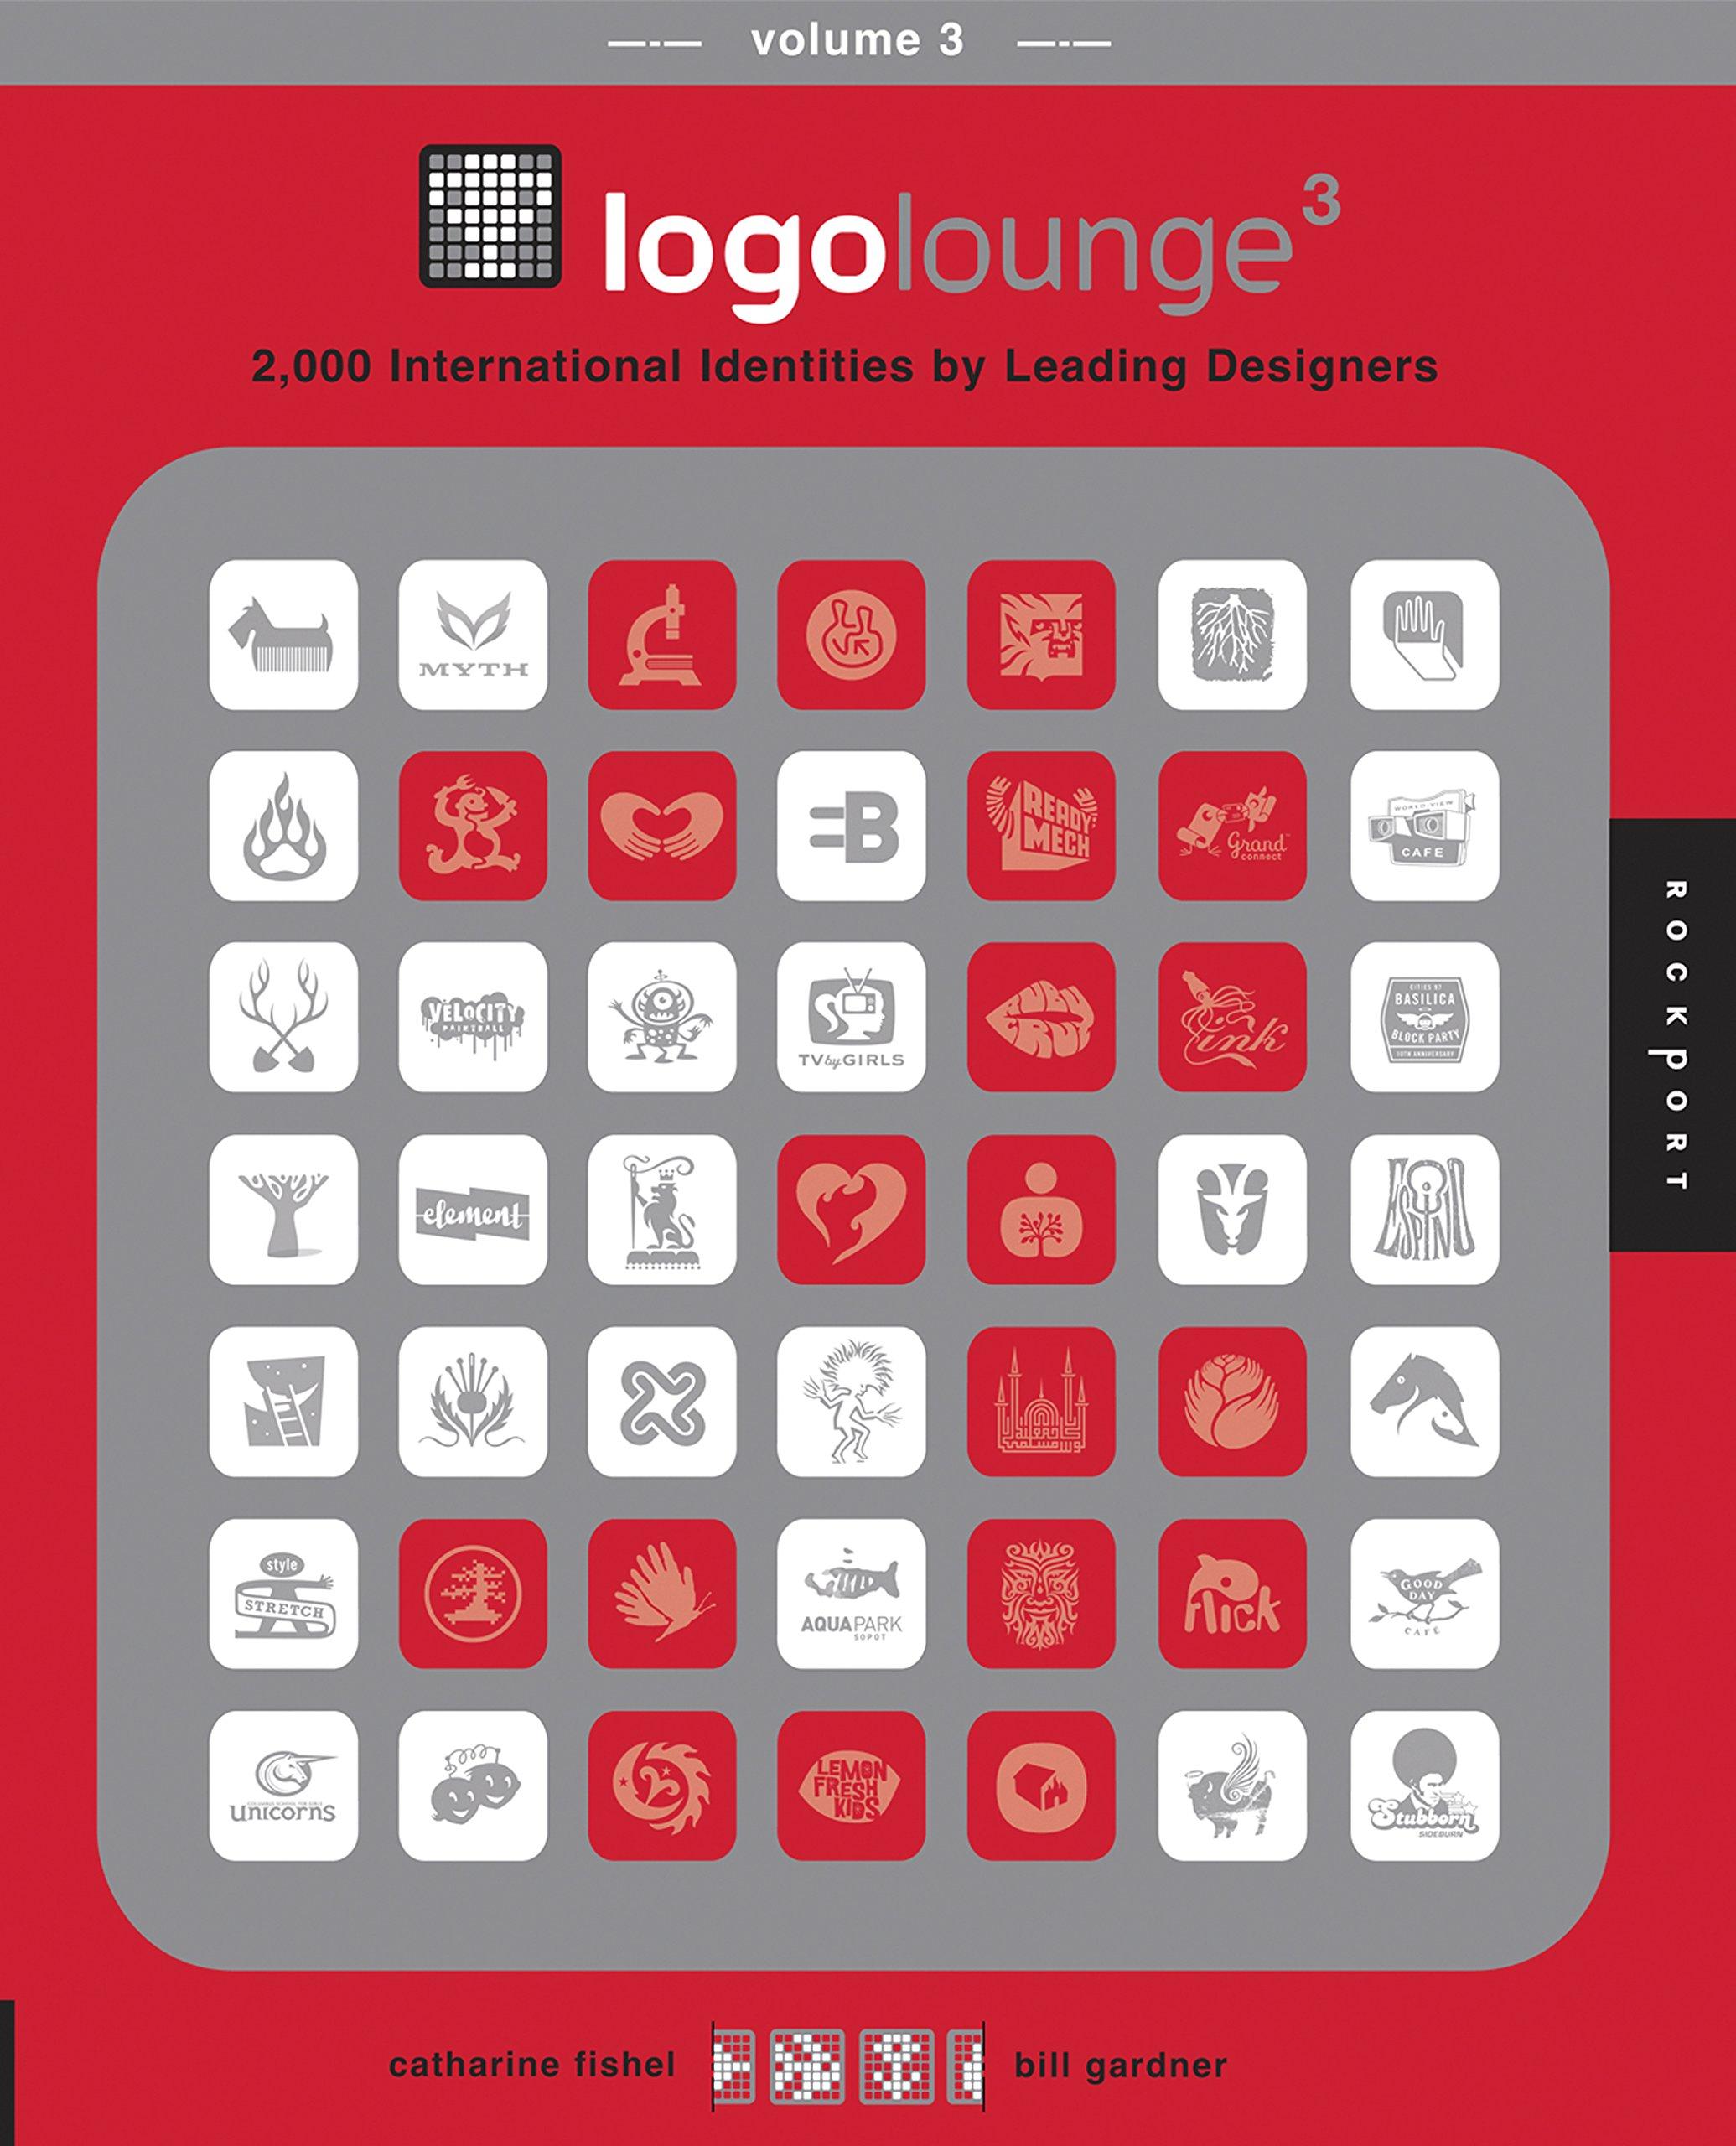 Amazon.com: LogoLounge 3: 2,000 International Identities by ...